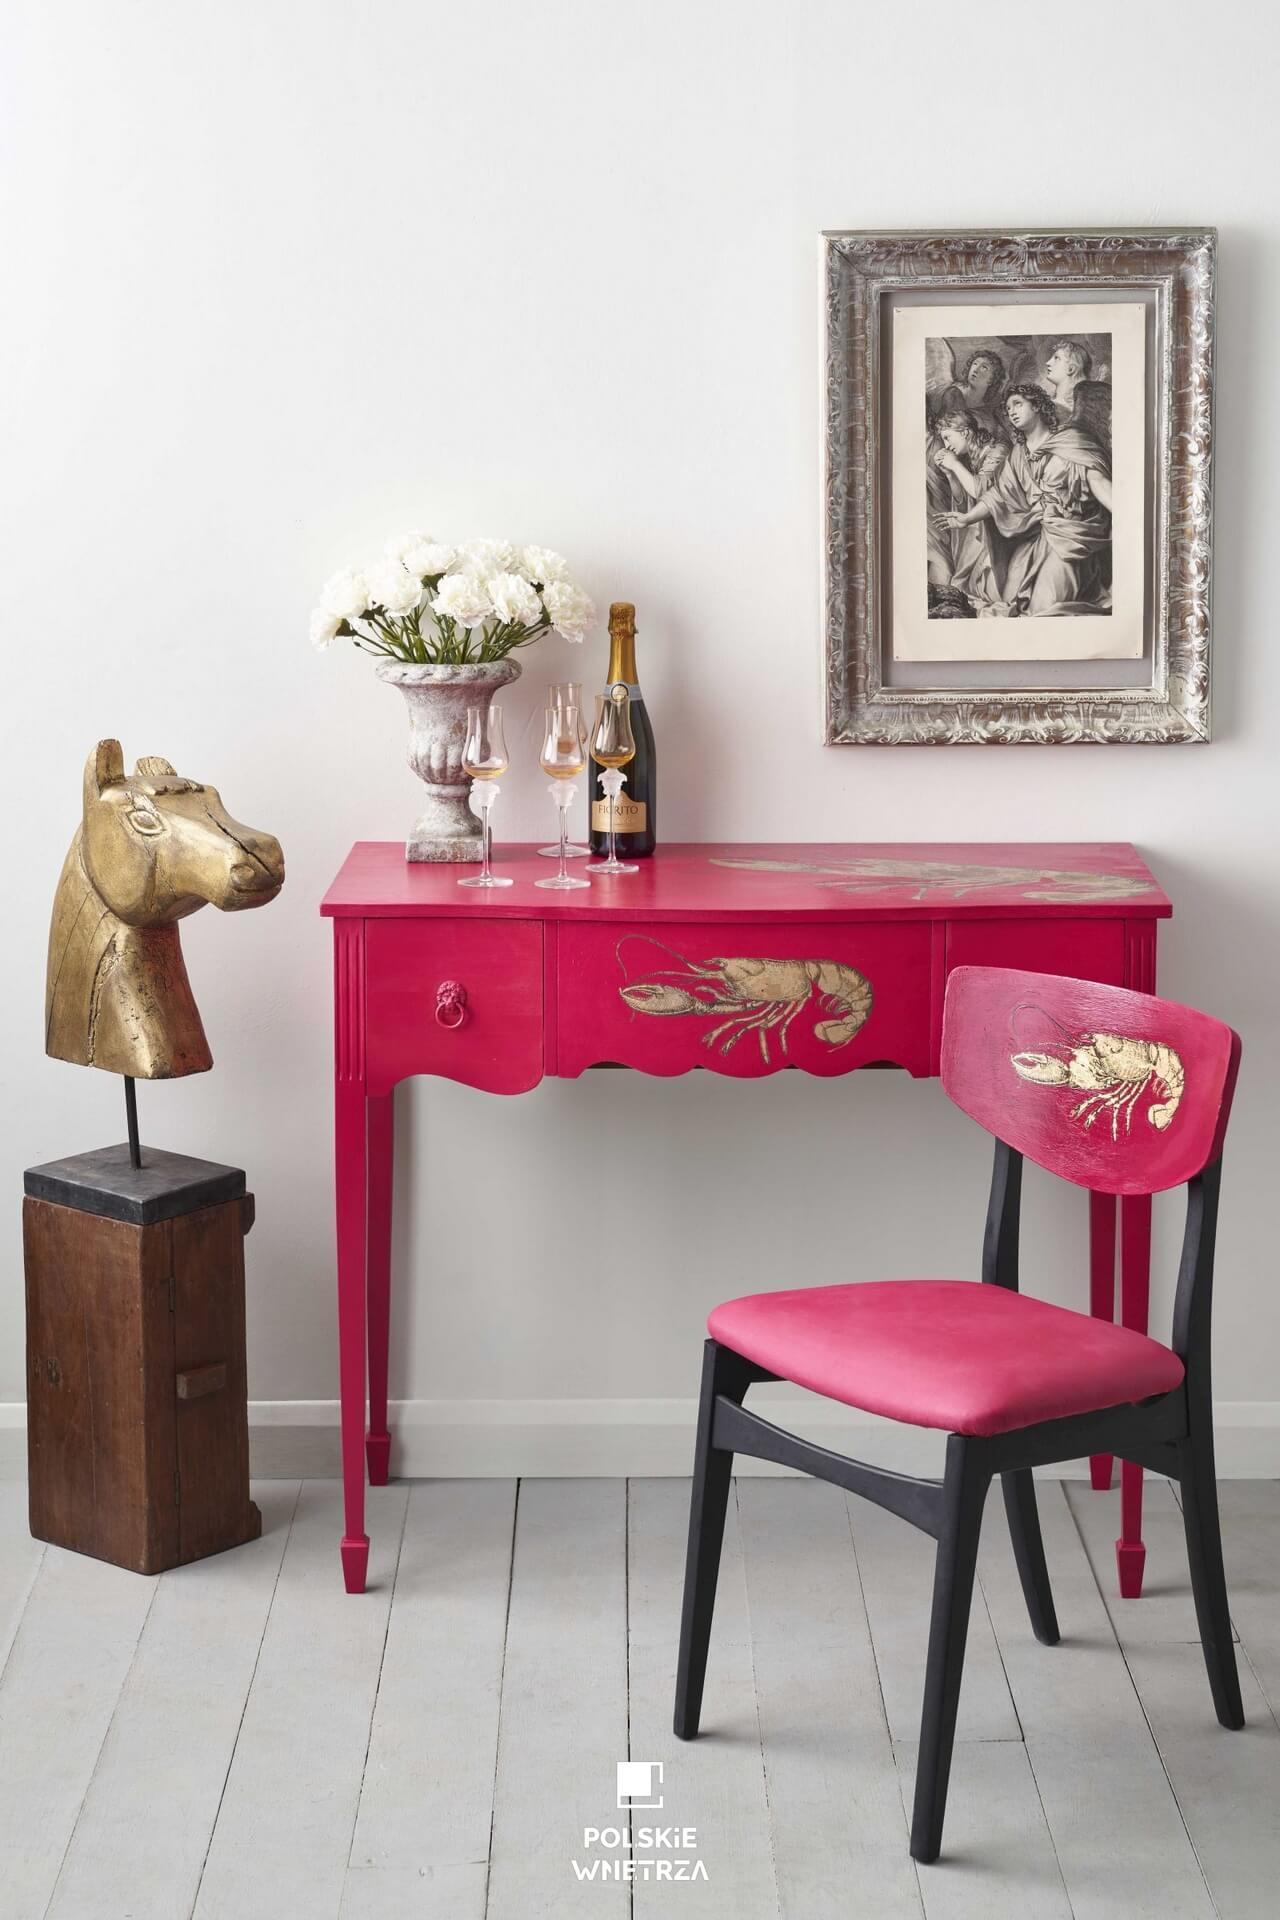 Gorący Capri Pink - nowy kolor w palecie farb kredowych Annie Sloan